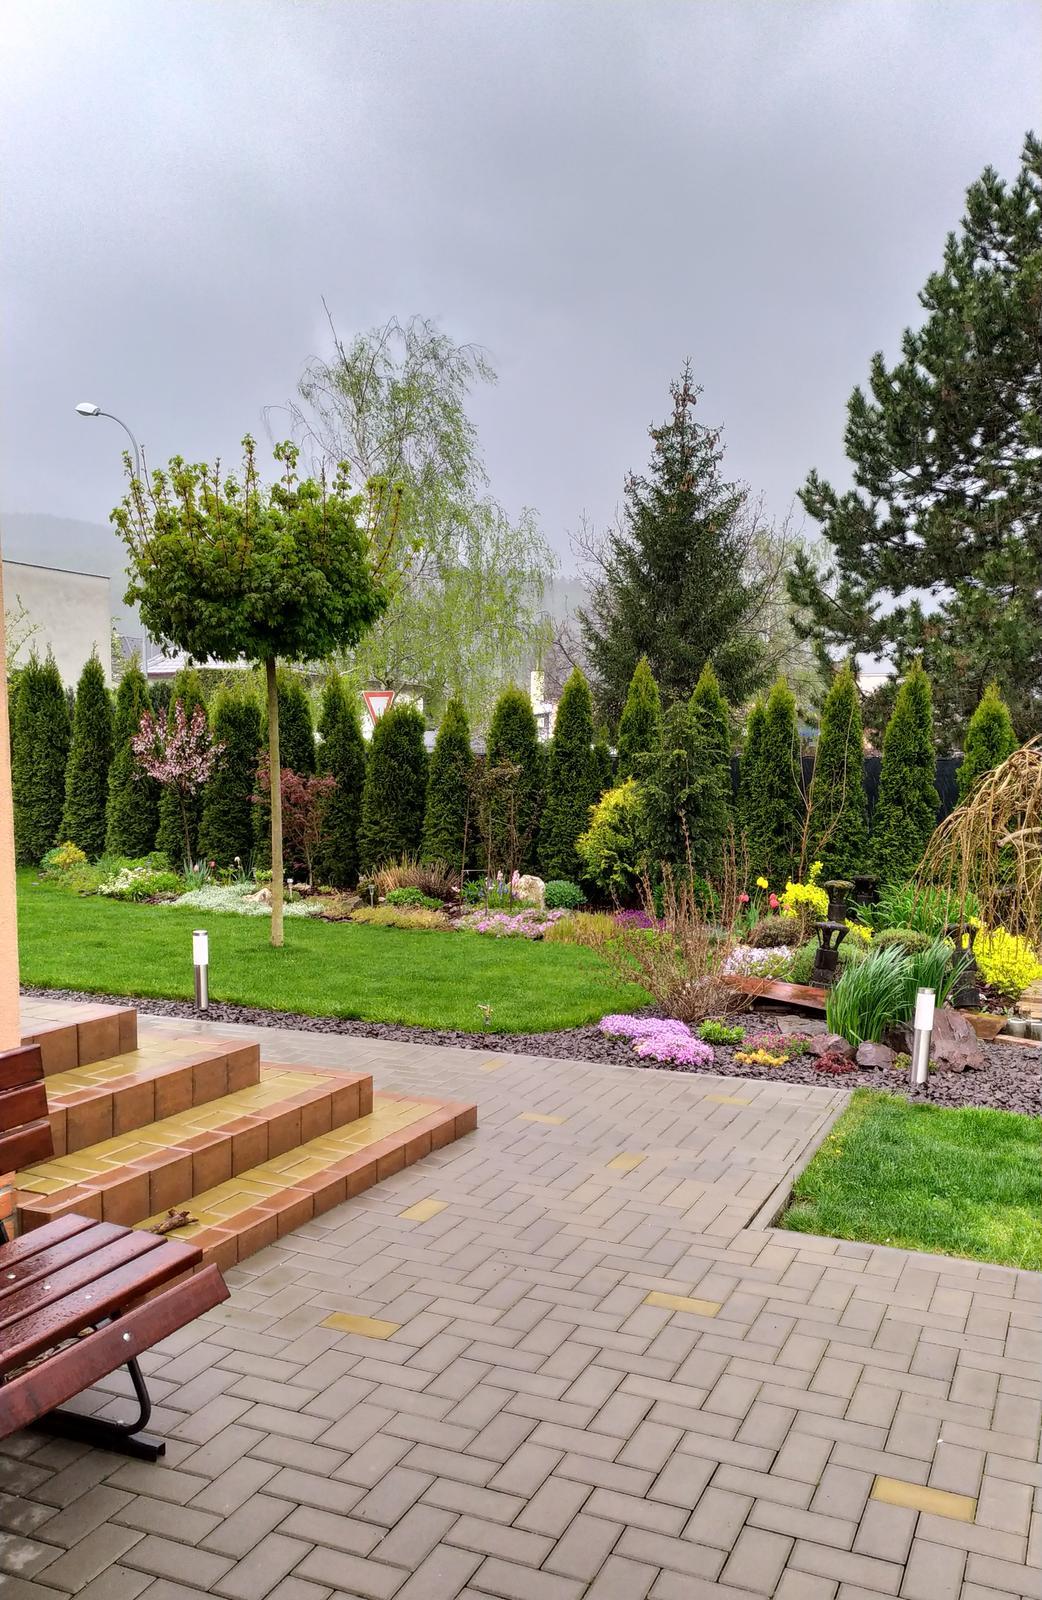 2021 - Dnes ráno po búrke. Konečne dážď 😊, záhrada začne prekvitať 😍